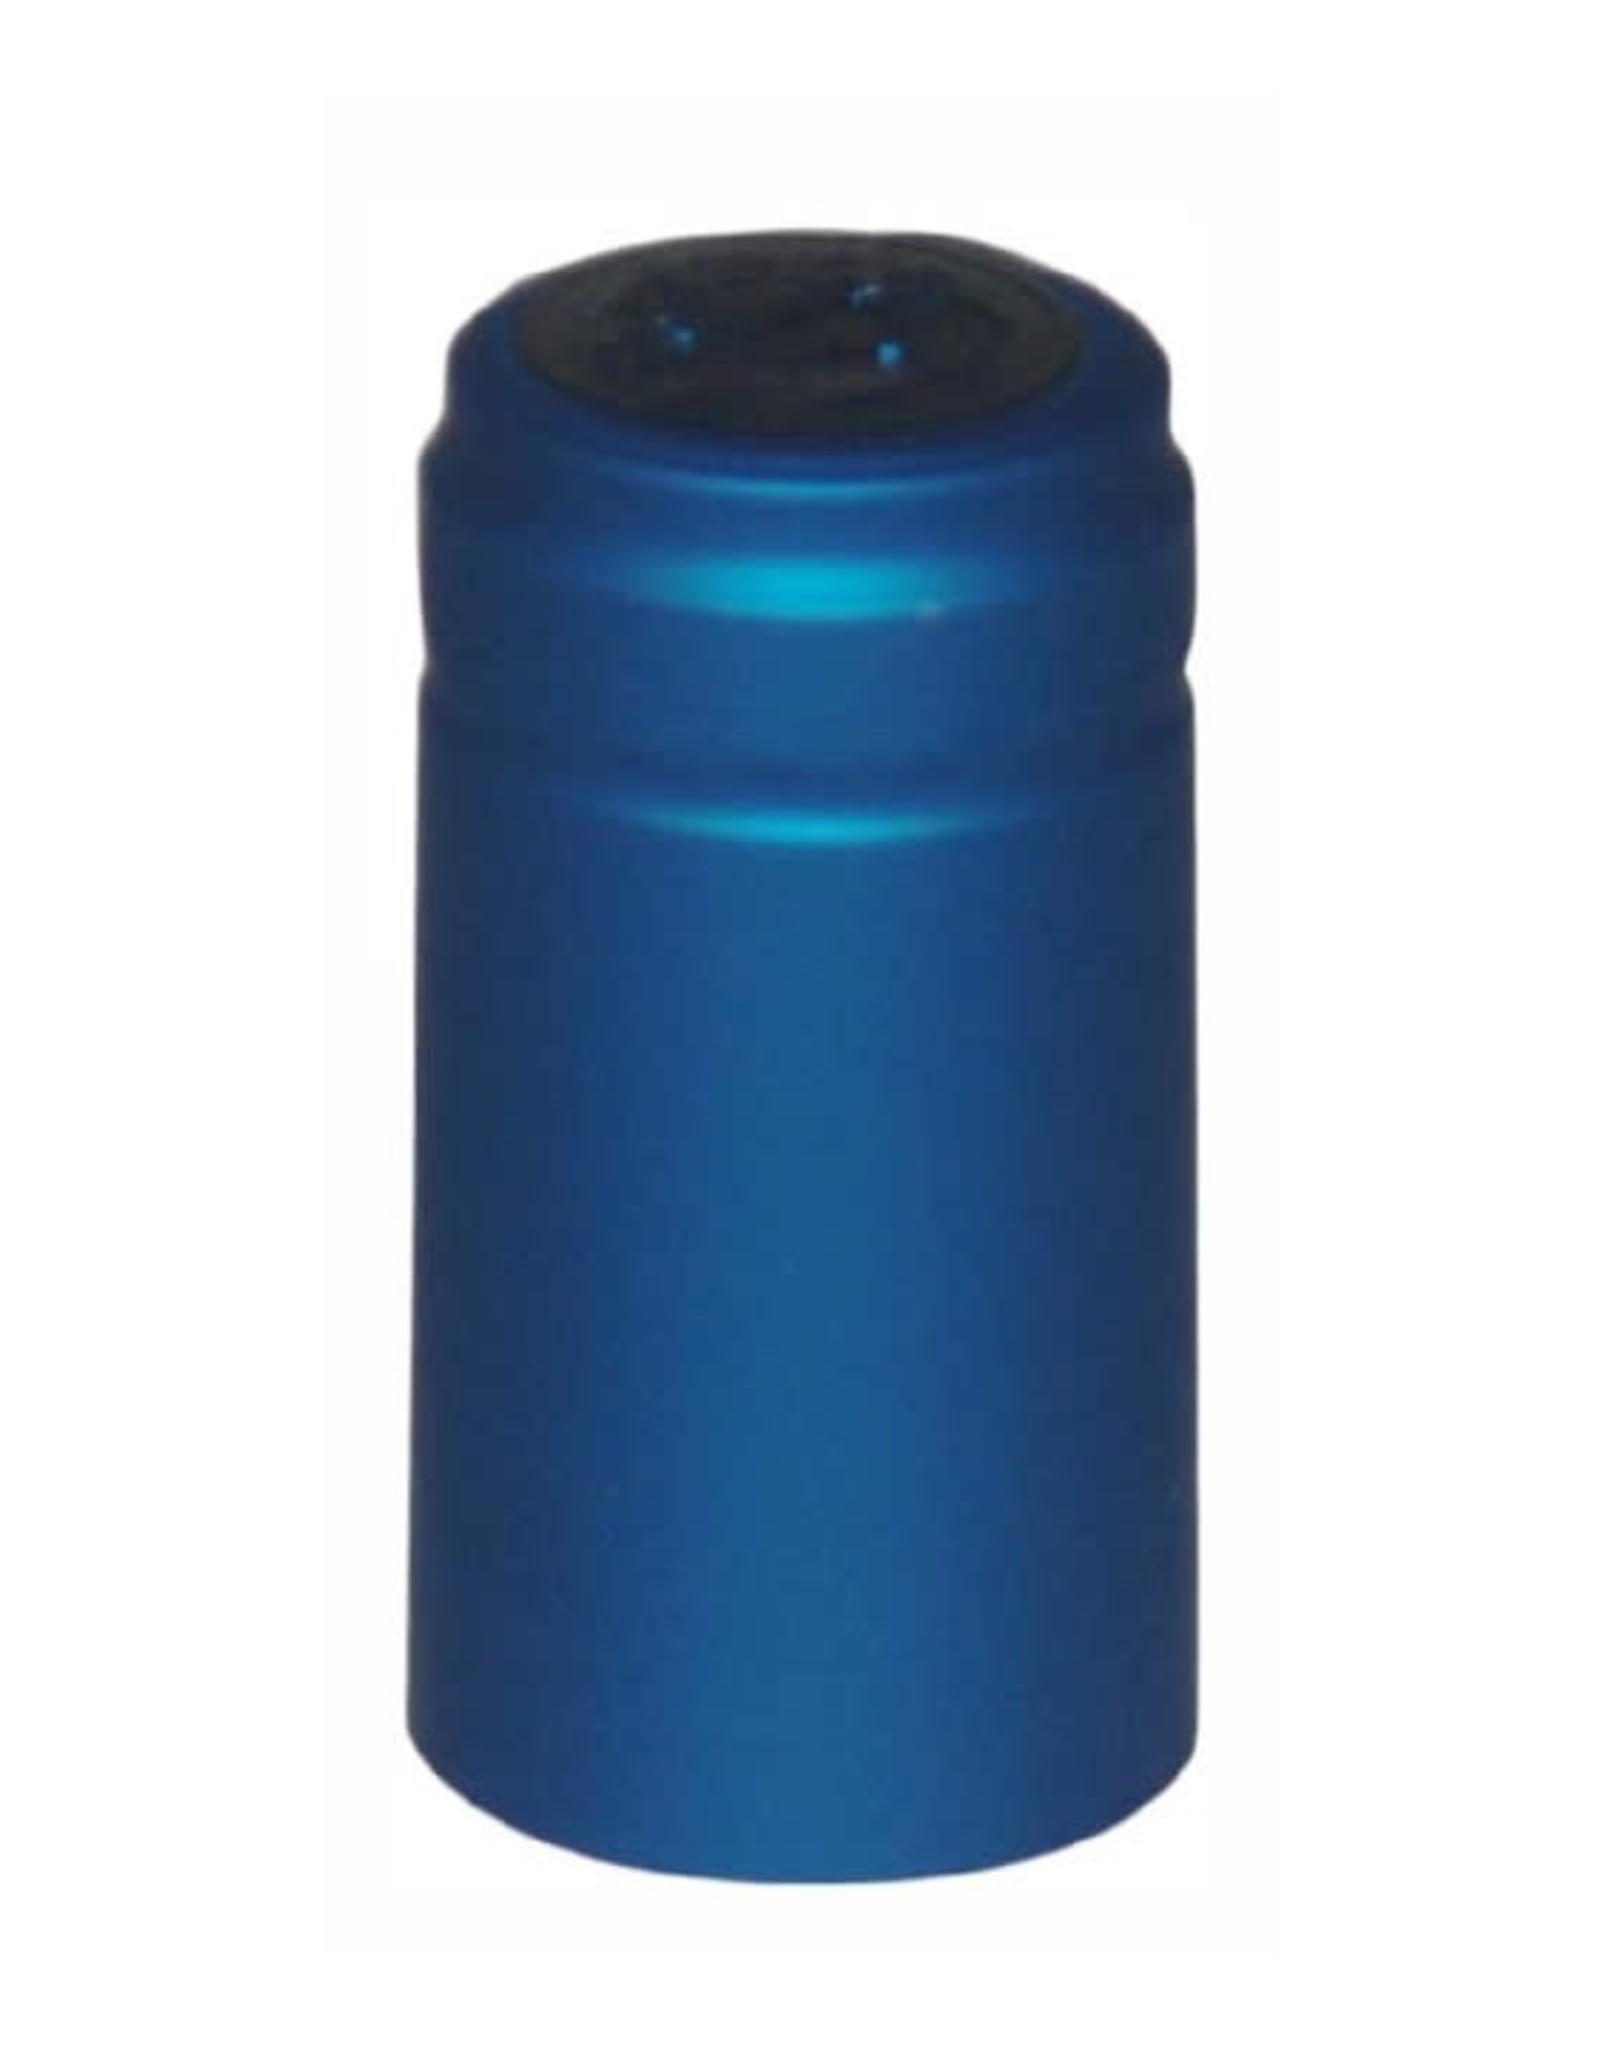 BLUE SKY METALLIC PVC CAPSULES 30 COUNT